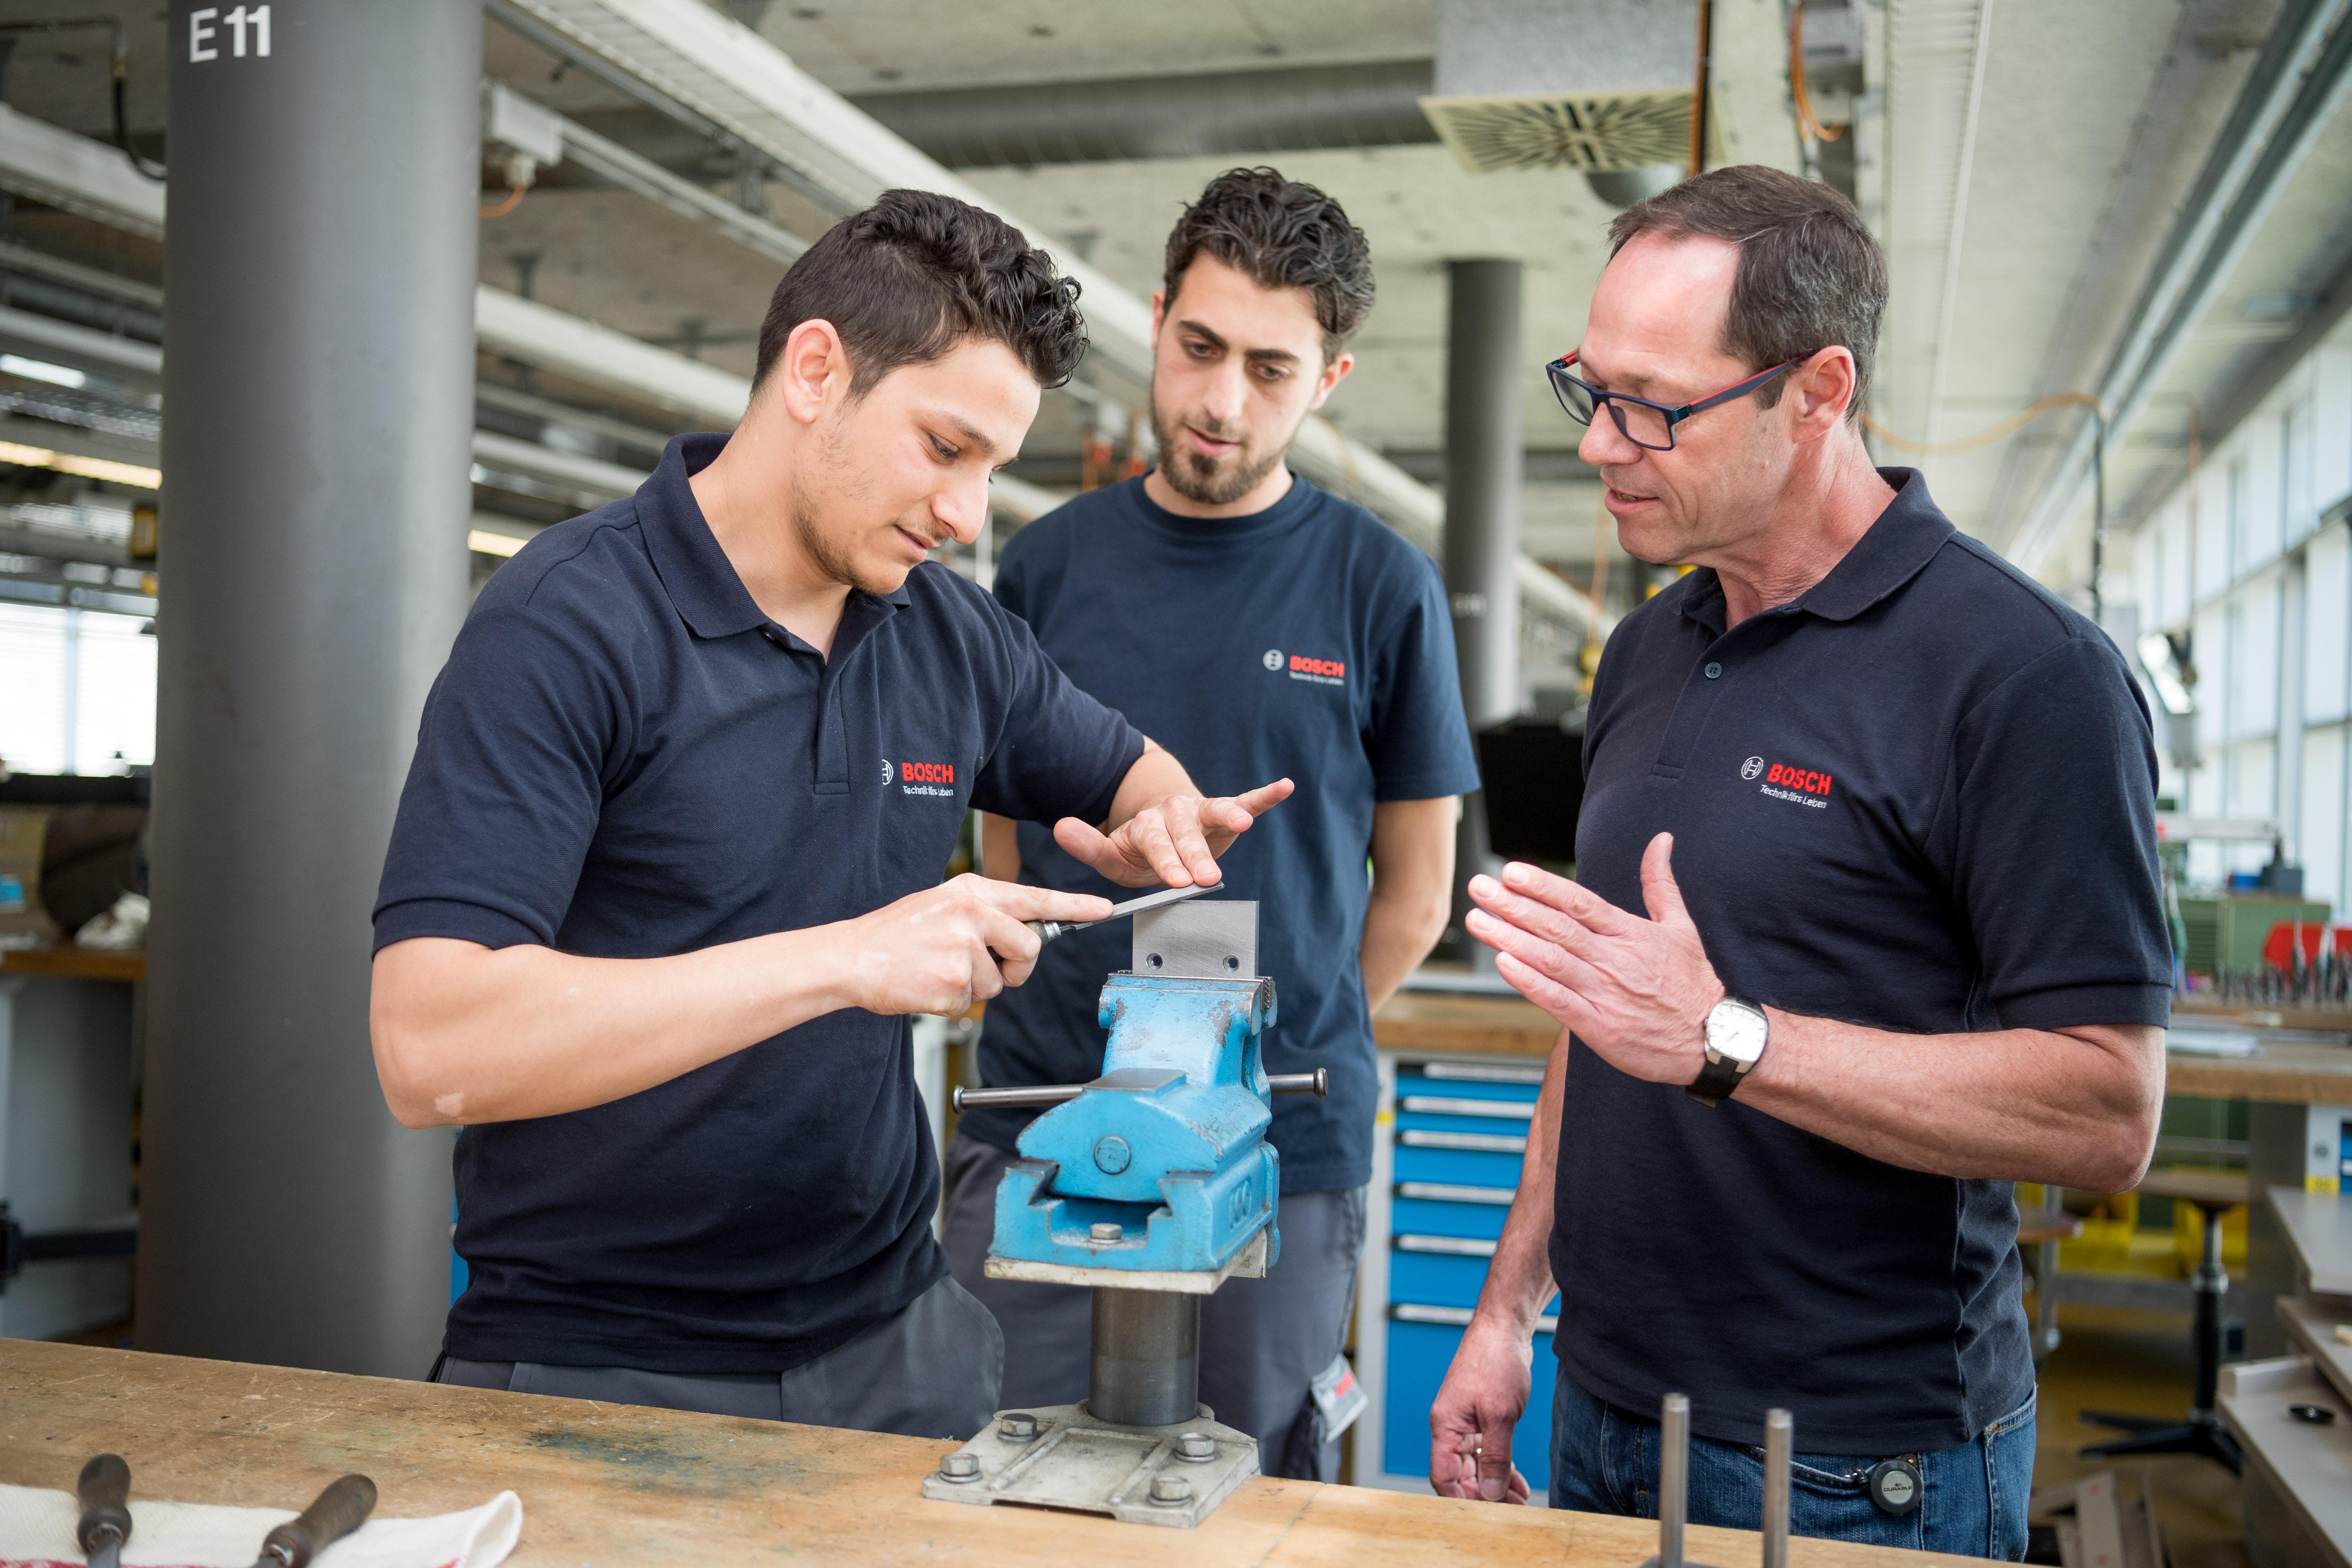 NEETON: Il progetto di Bosch per la ricerca attiva del lavoro in collaborazione con Manpower, lo studio legale LabLaw e la scuola di formazione Bosch TEC